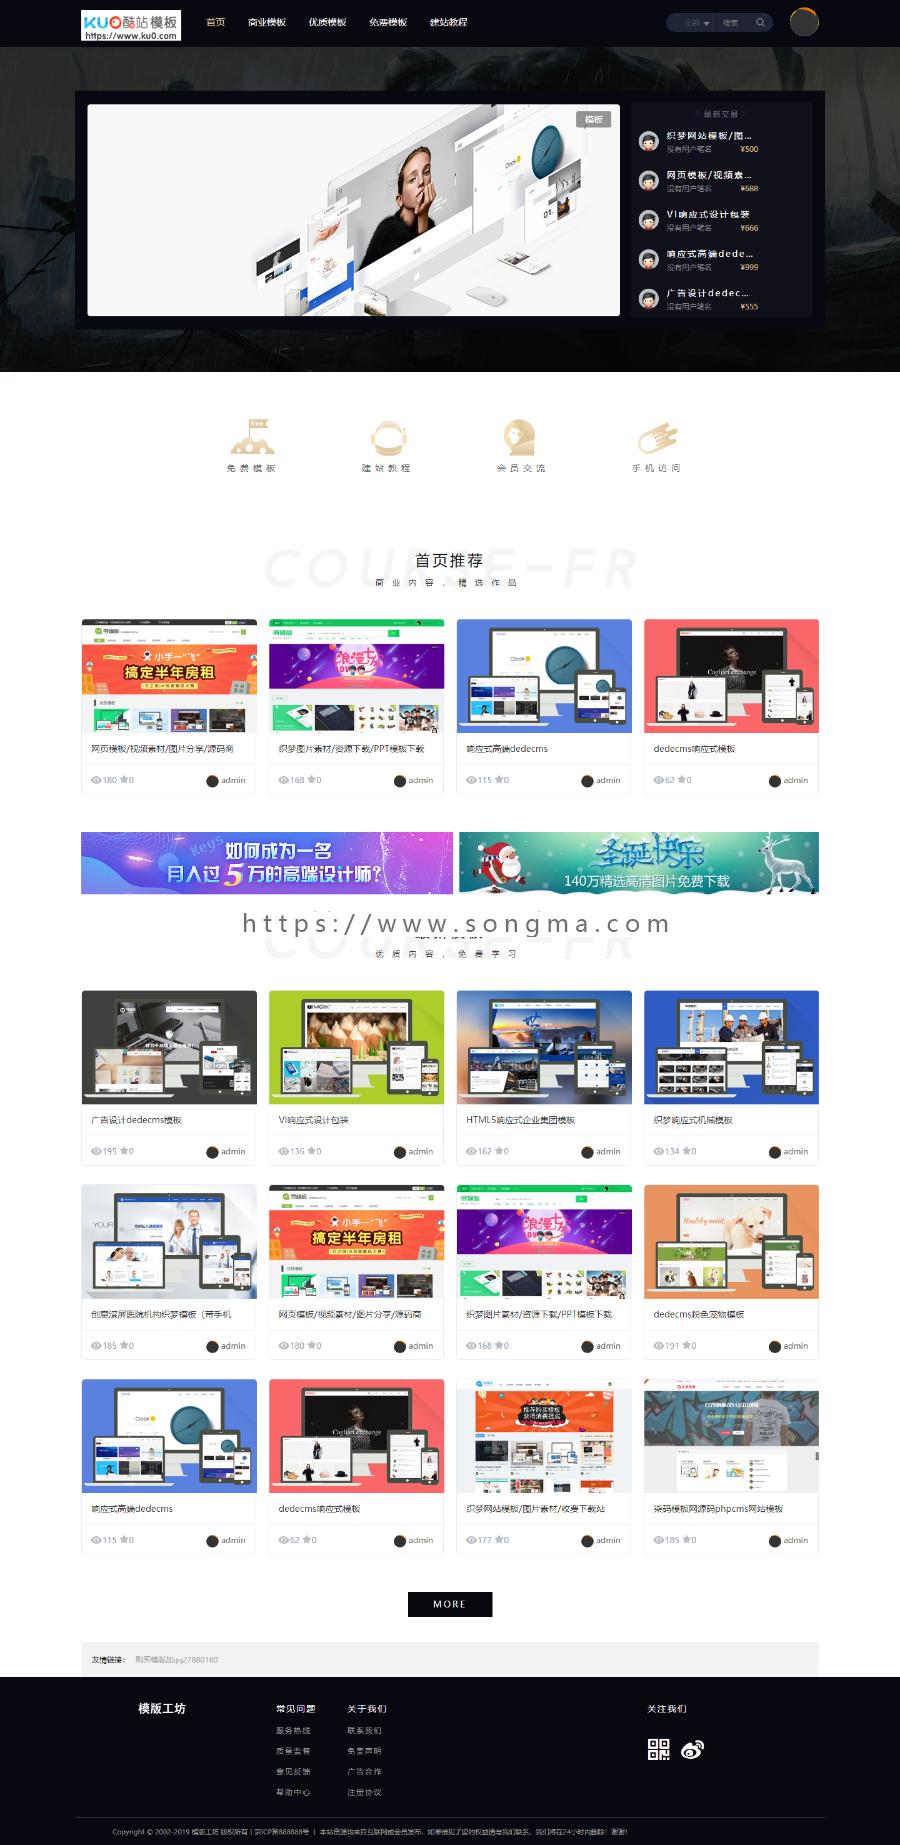 织梦dedecms仿模板工坊素材图片网站设计收费下载站源码 带移动端带支付接口